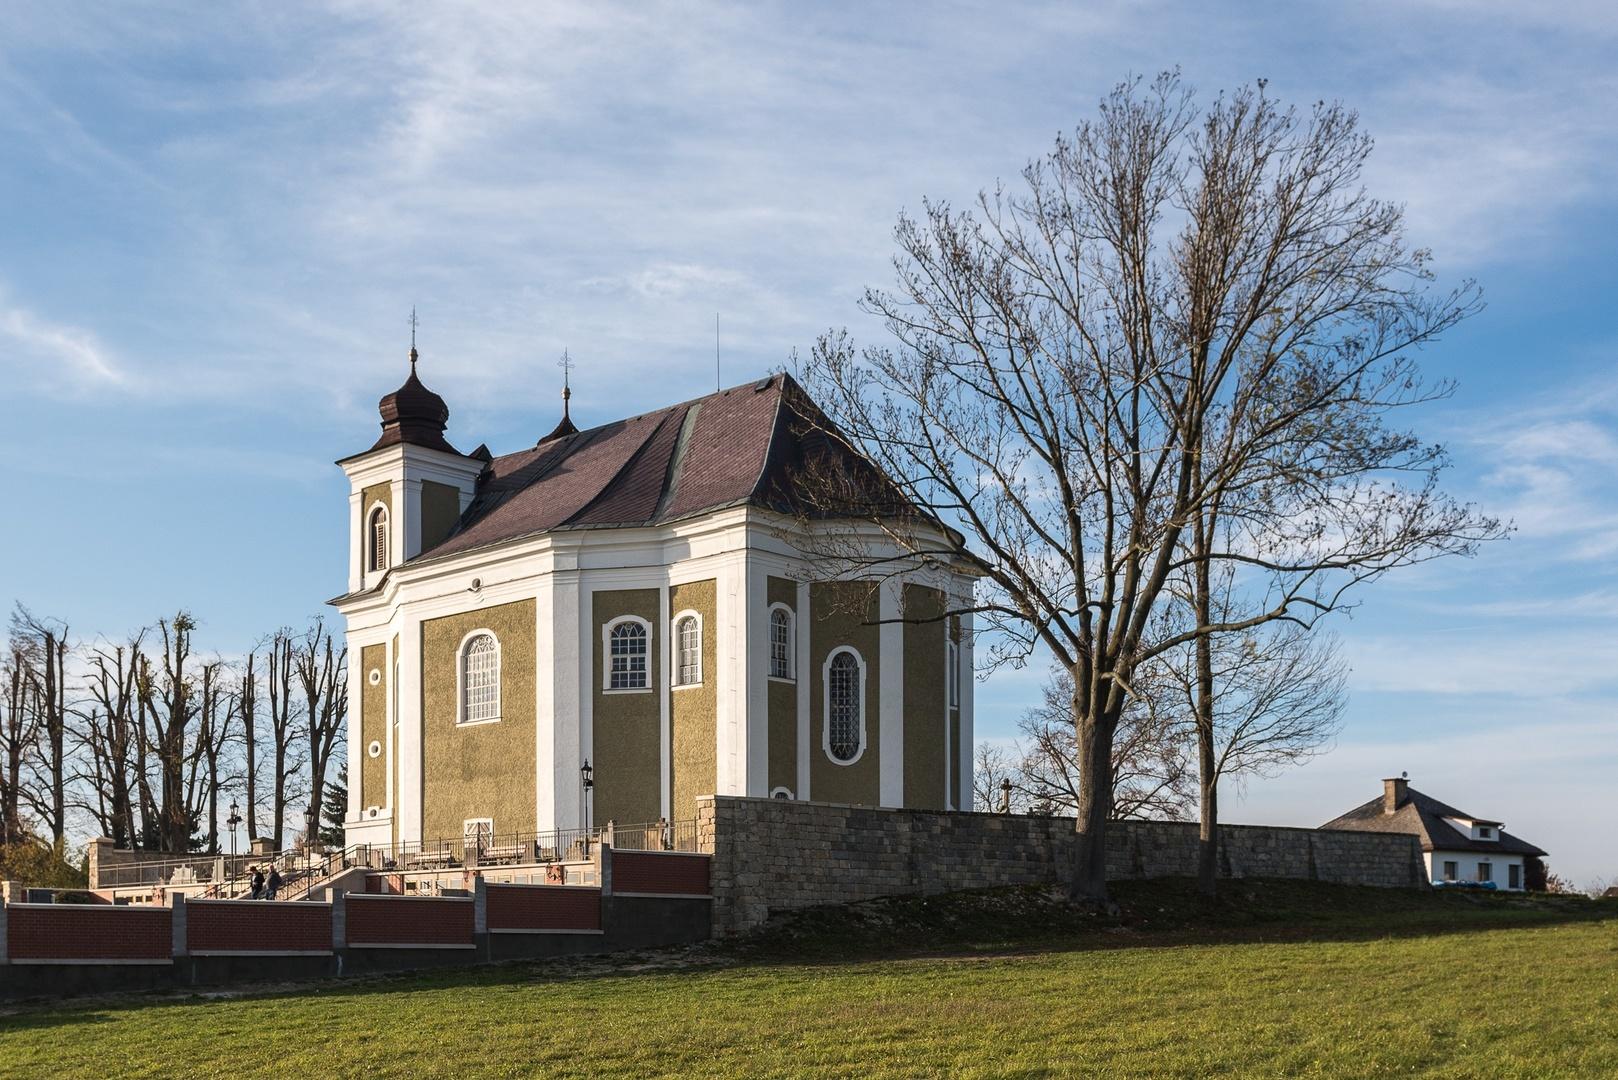 Péči o památky v Královéhradeckém kraji podporují místní akční skupiny